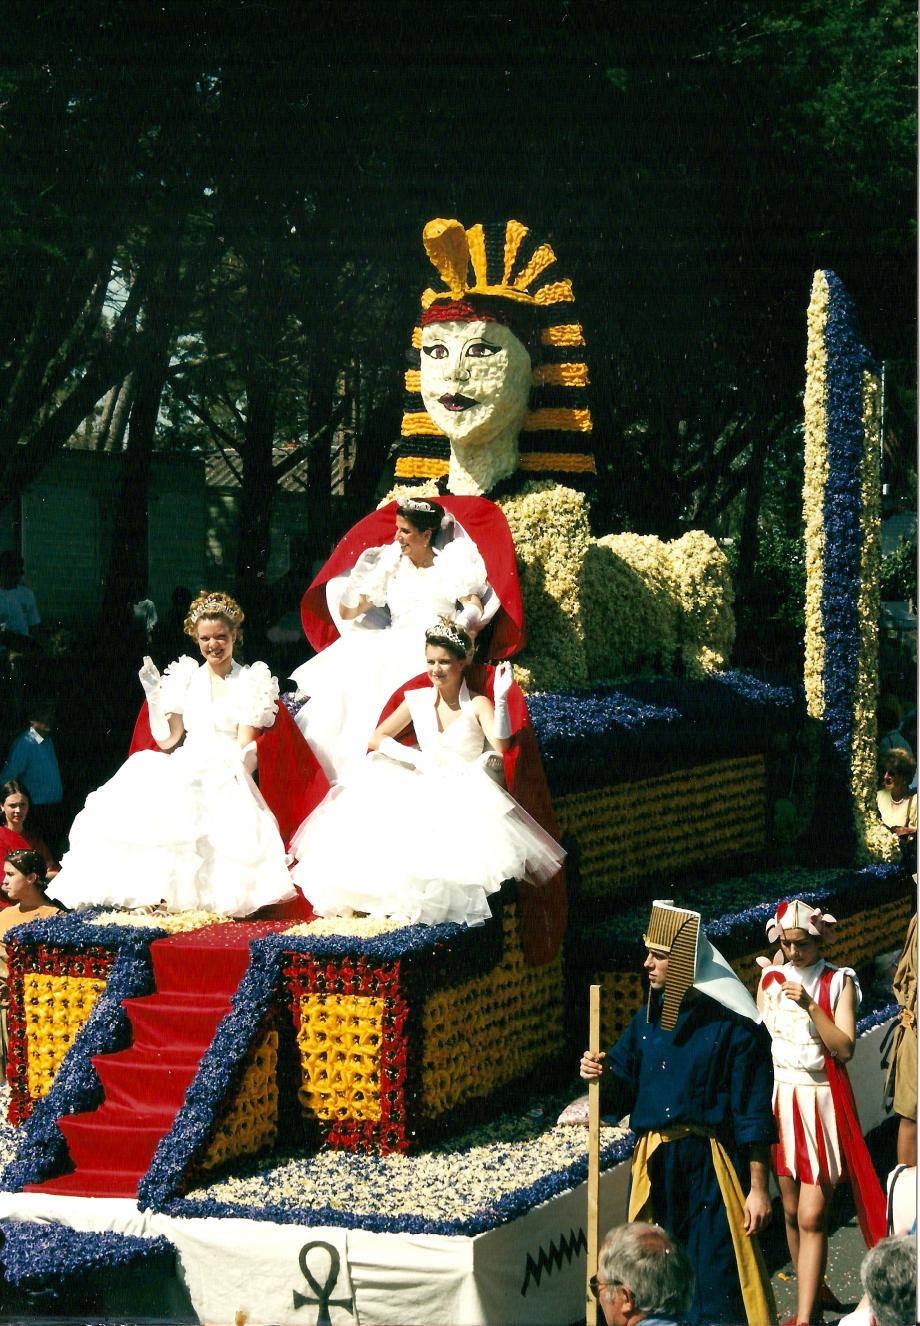 2000-Char des reines